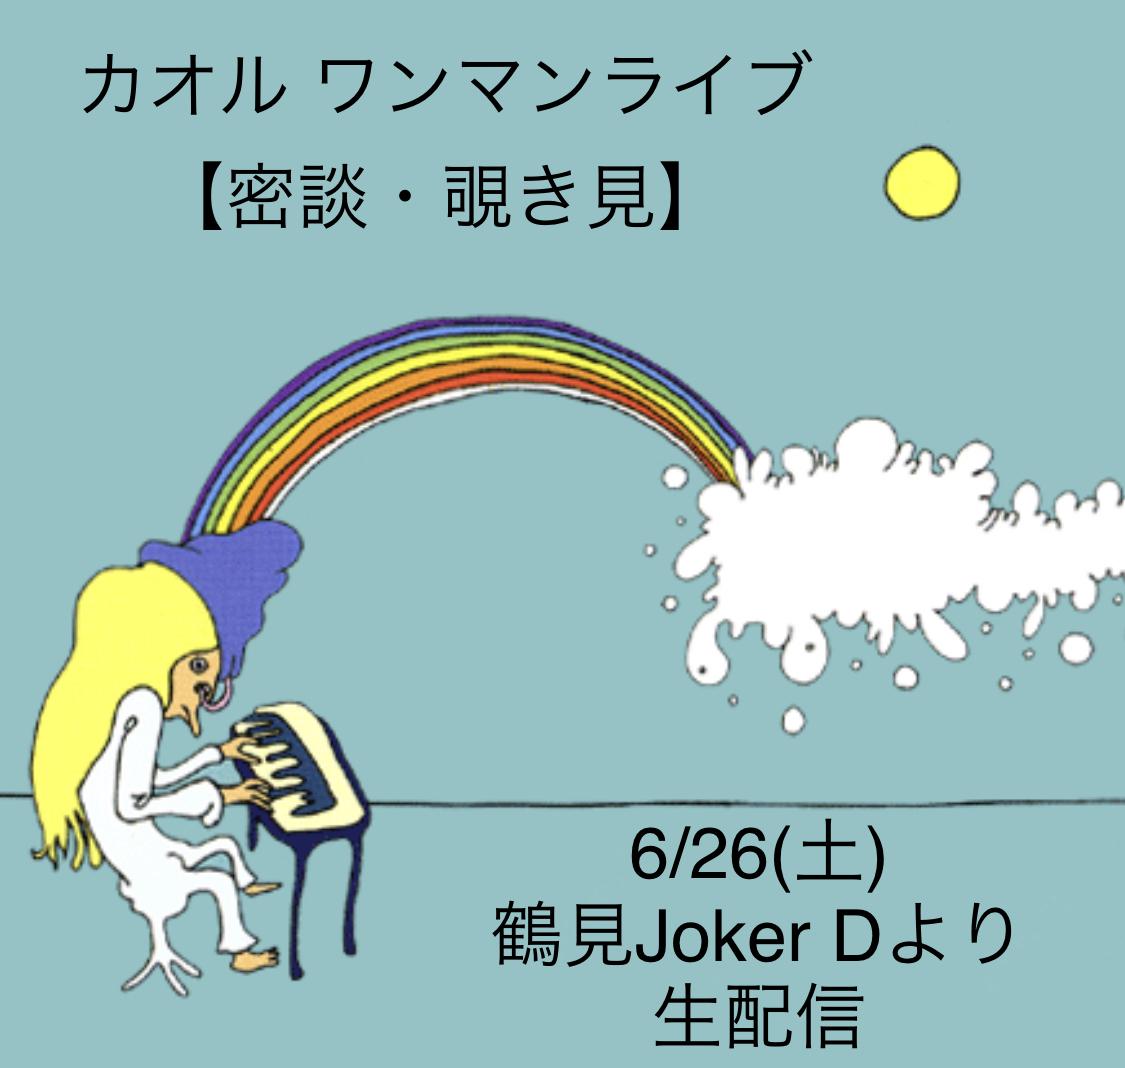 2021.06.26 カオル ワンマンライブ【密談・覗き見】